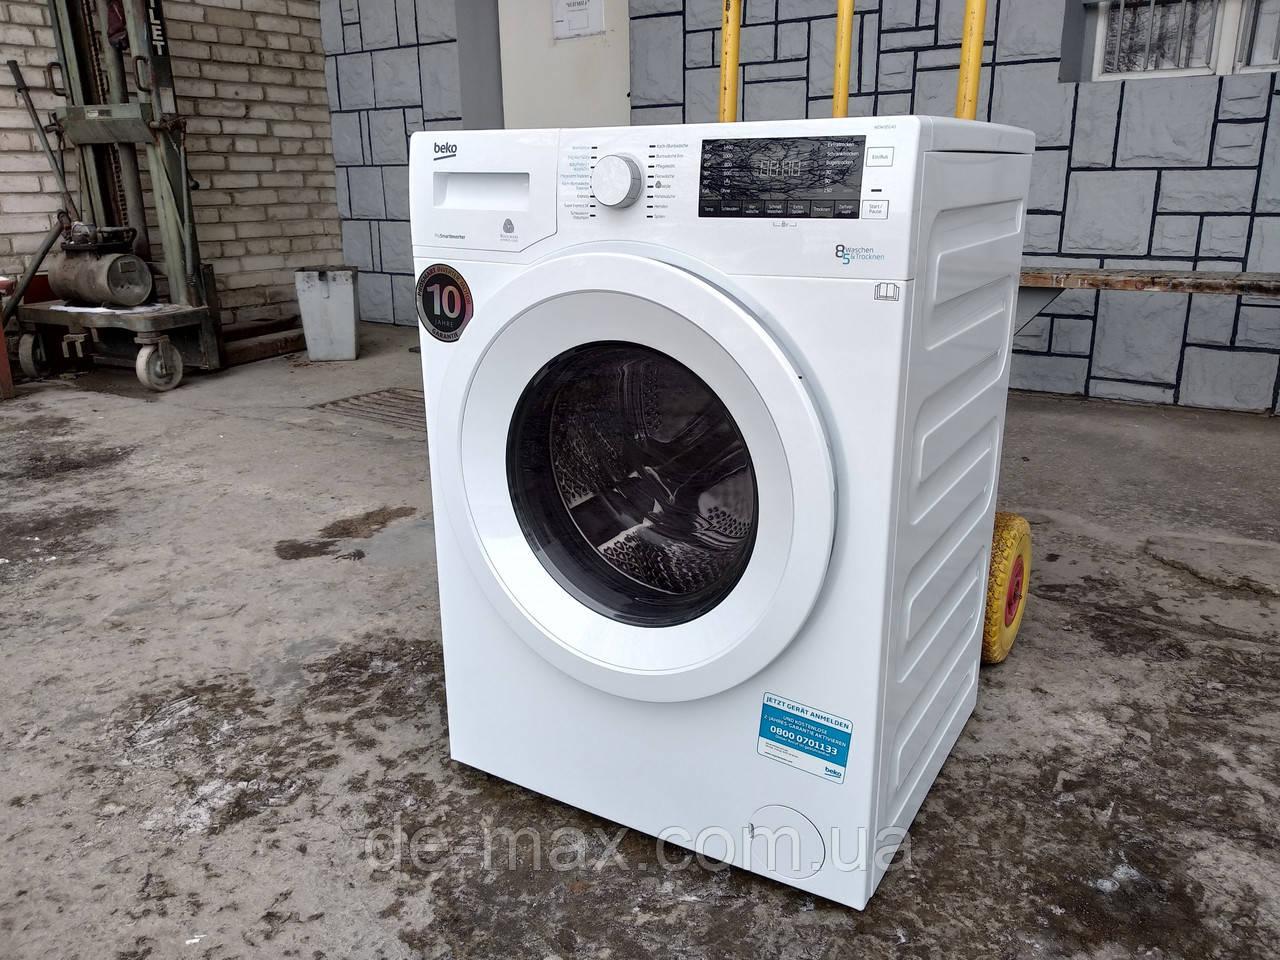 Стирально-сушильная машина Beko WDW 85140 8кг/5кг А+++ 1400об